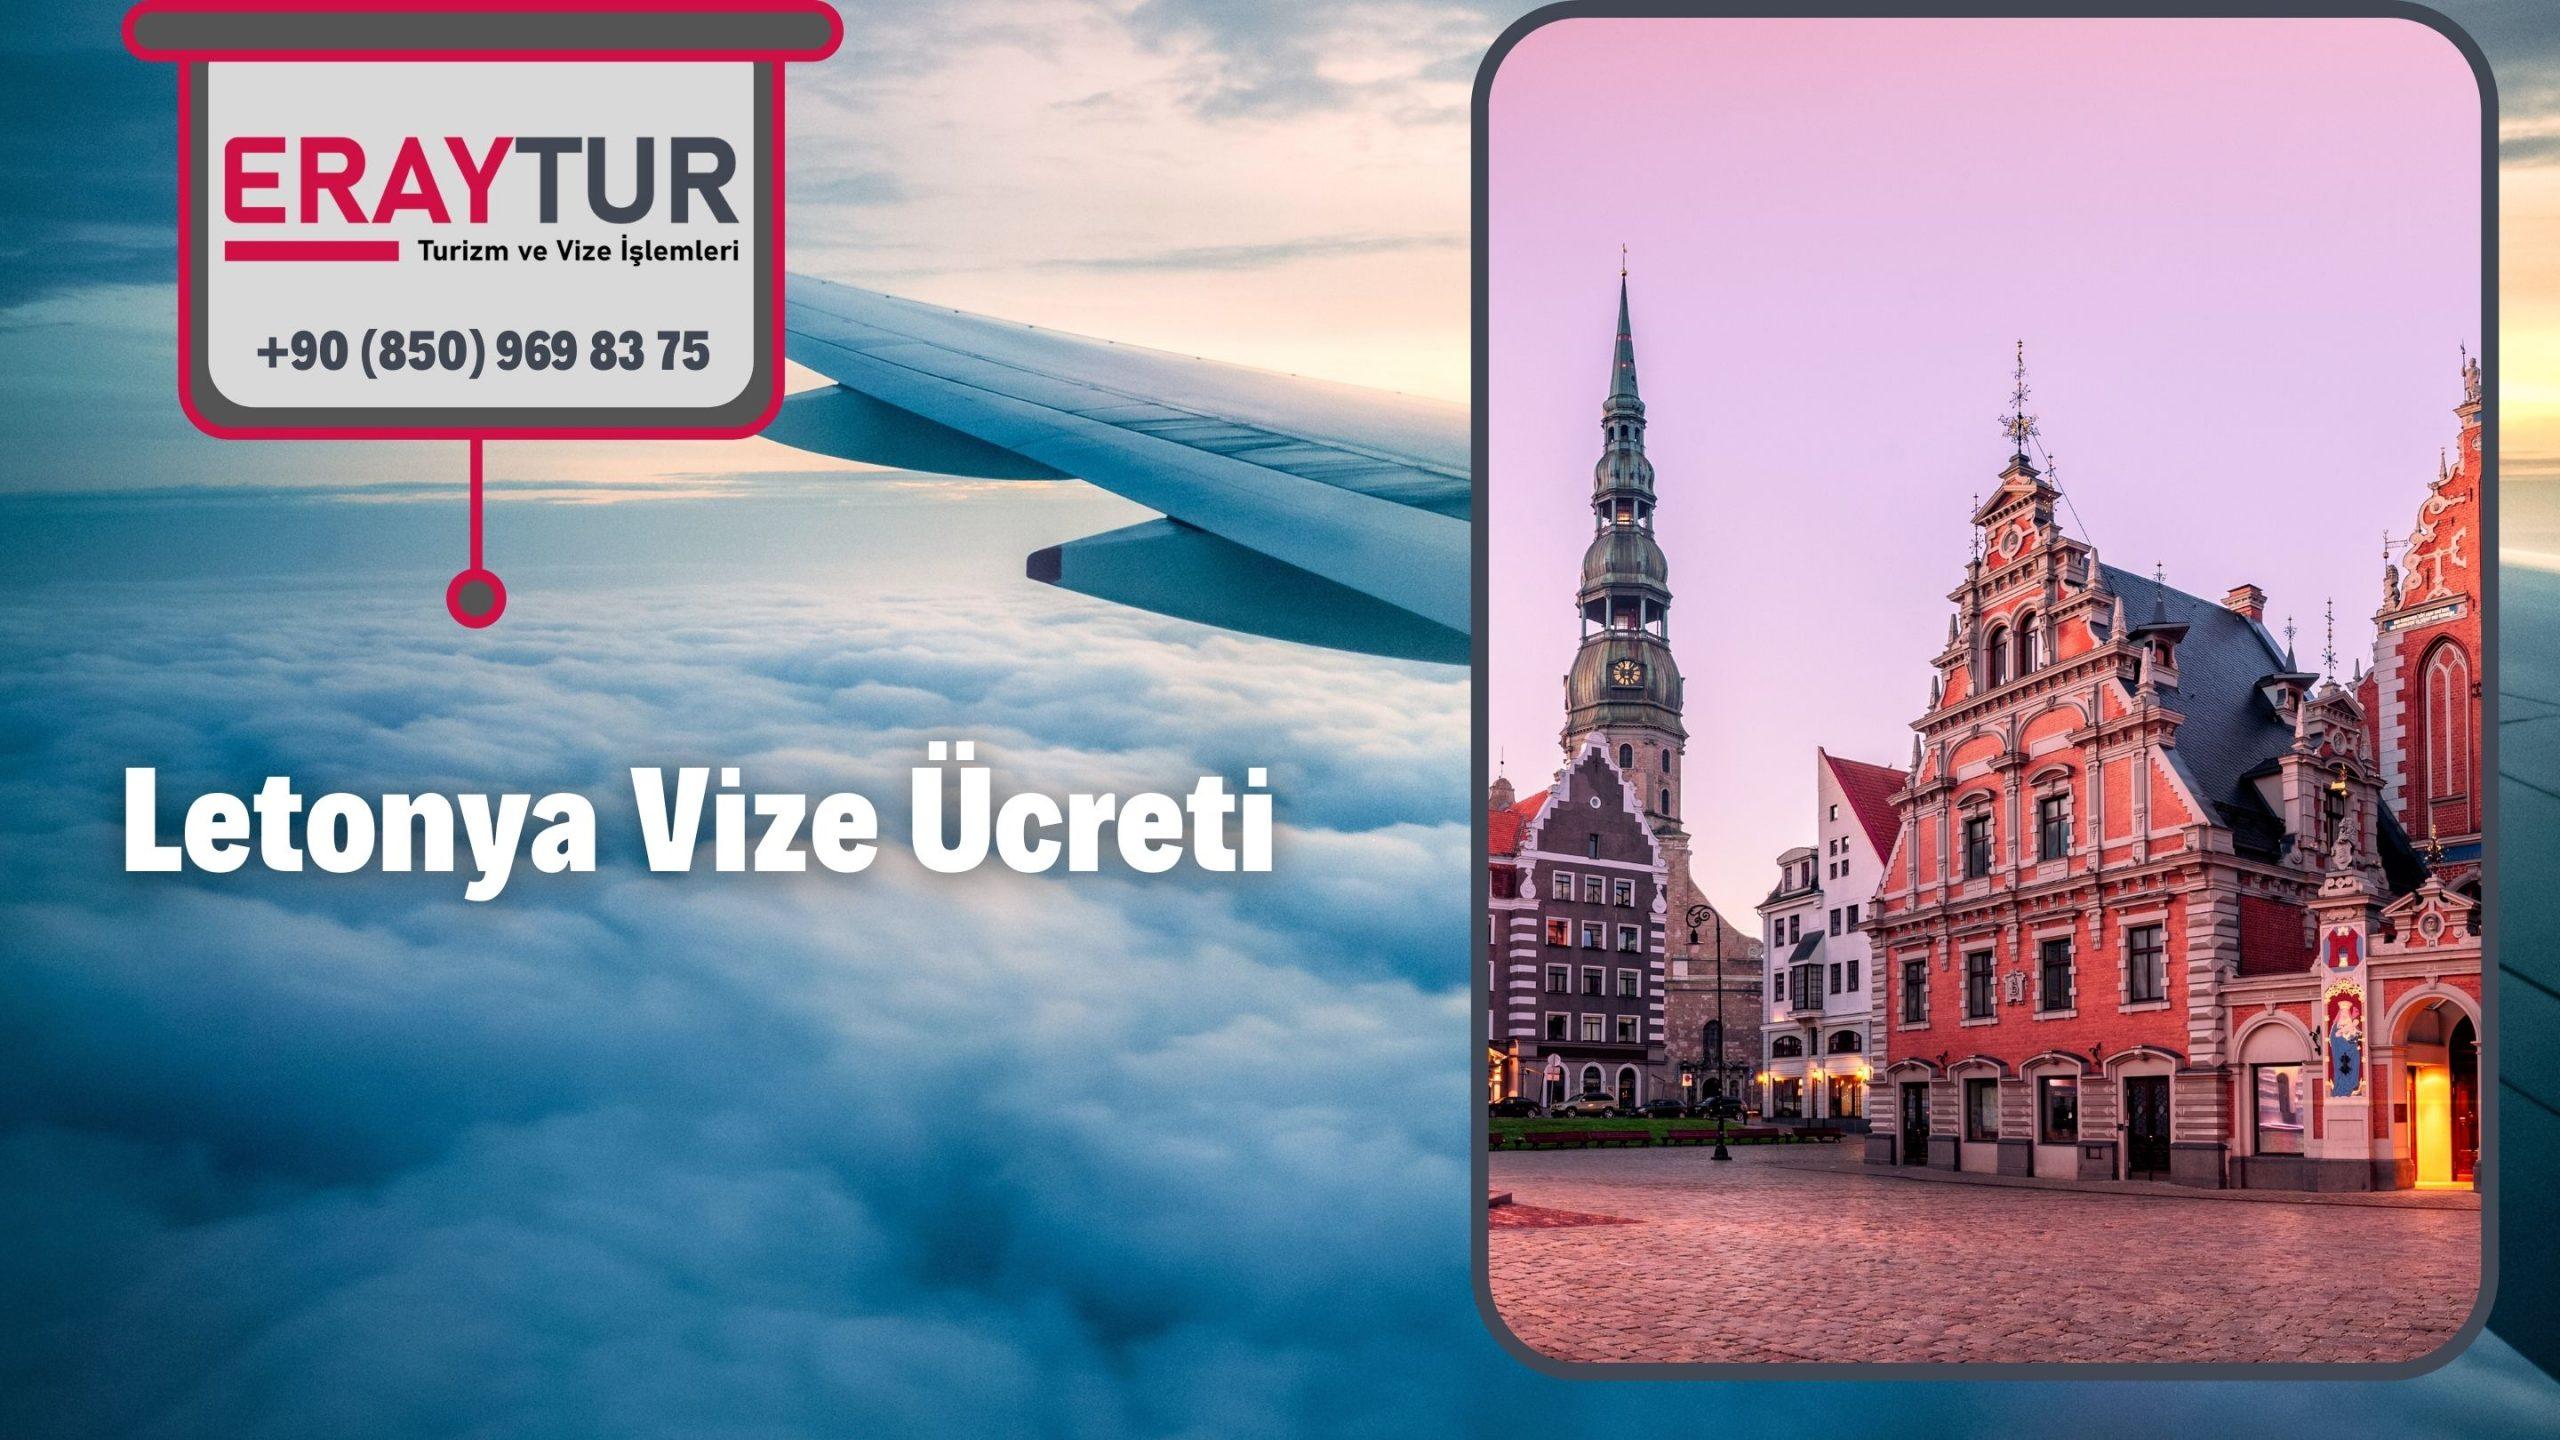 Letonya Vize Ücreti